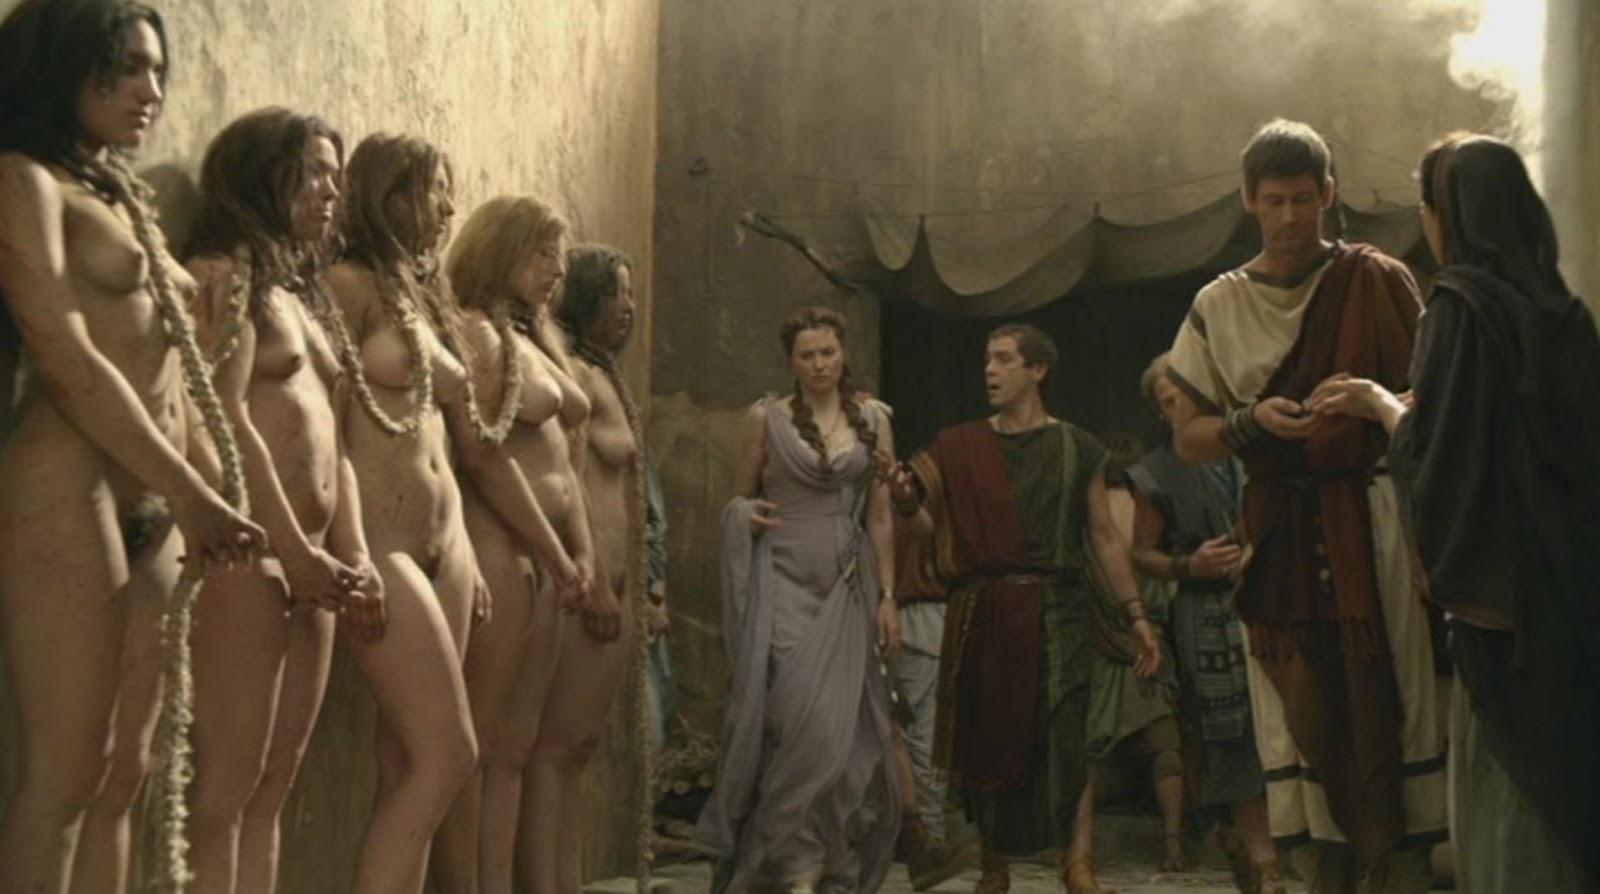 Новые фильмы девушек продают в рабыни с переводом